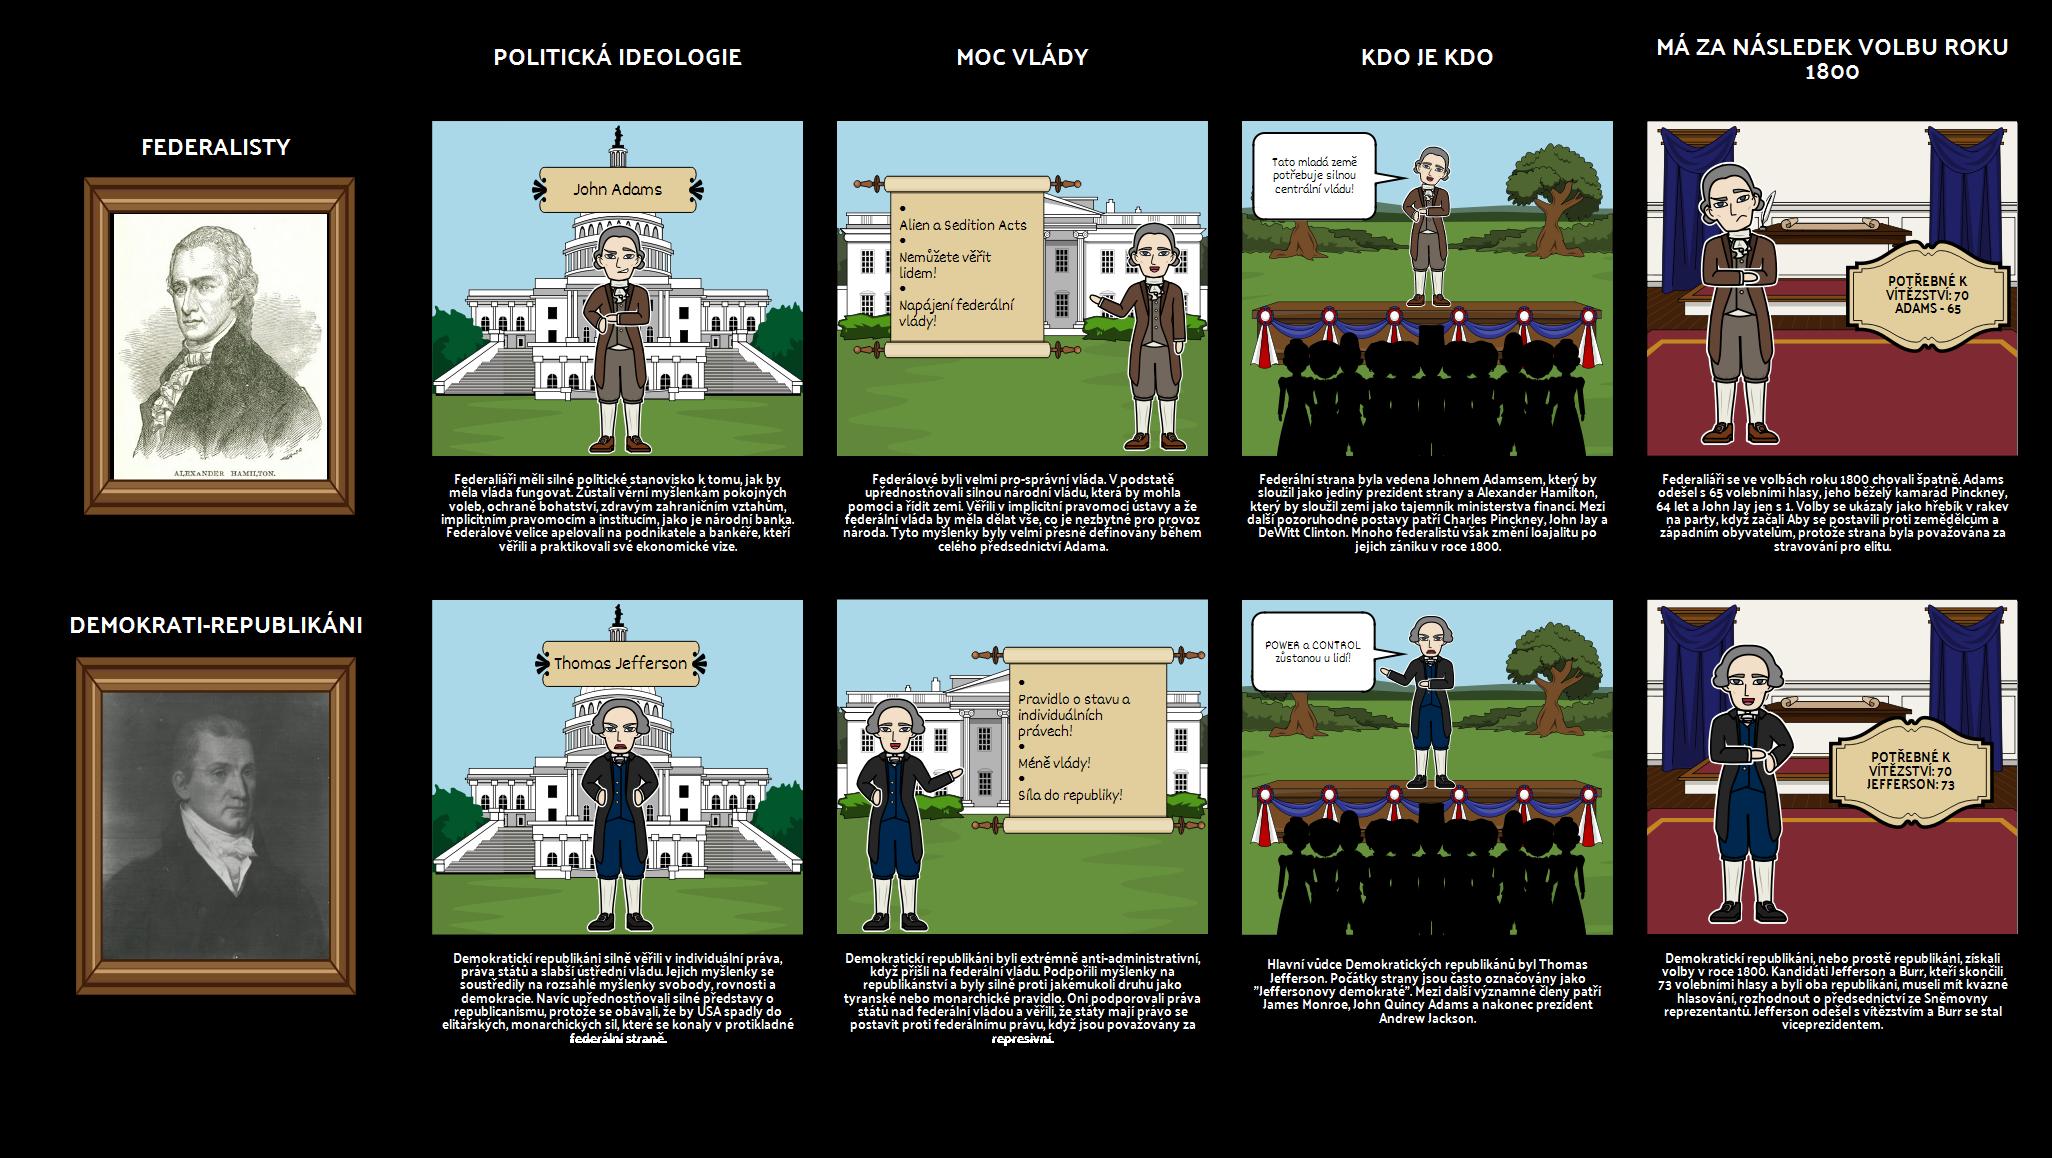 Volbách 1800 - federalisté vs demokratických republikánů